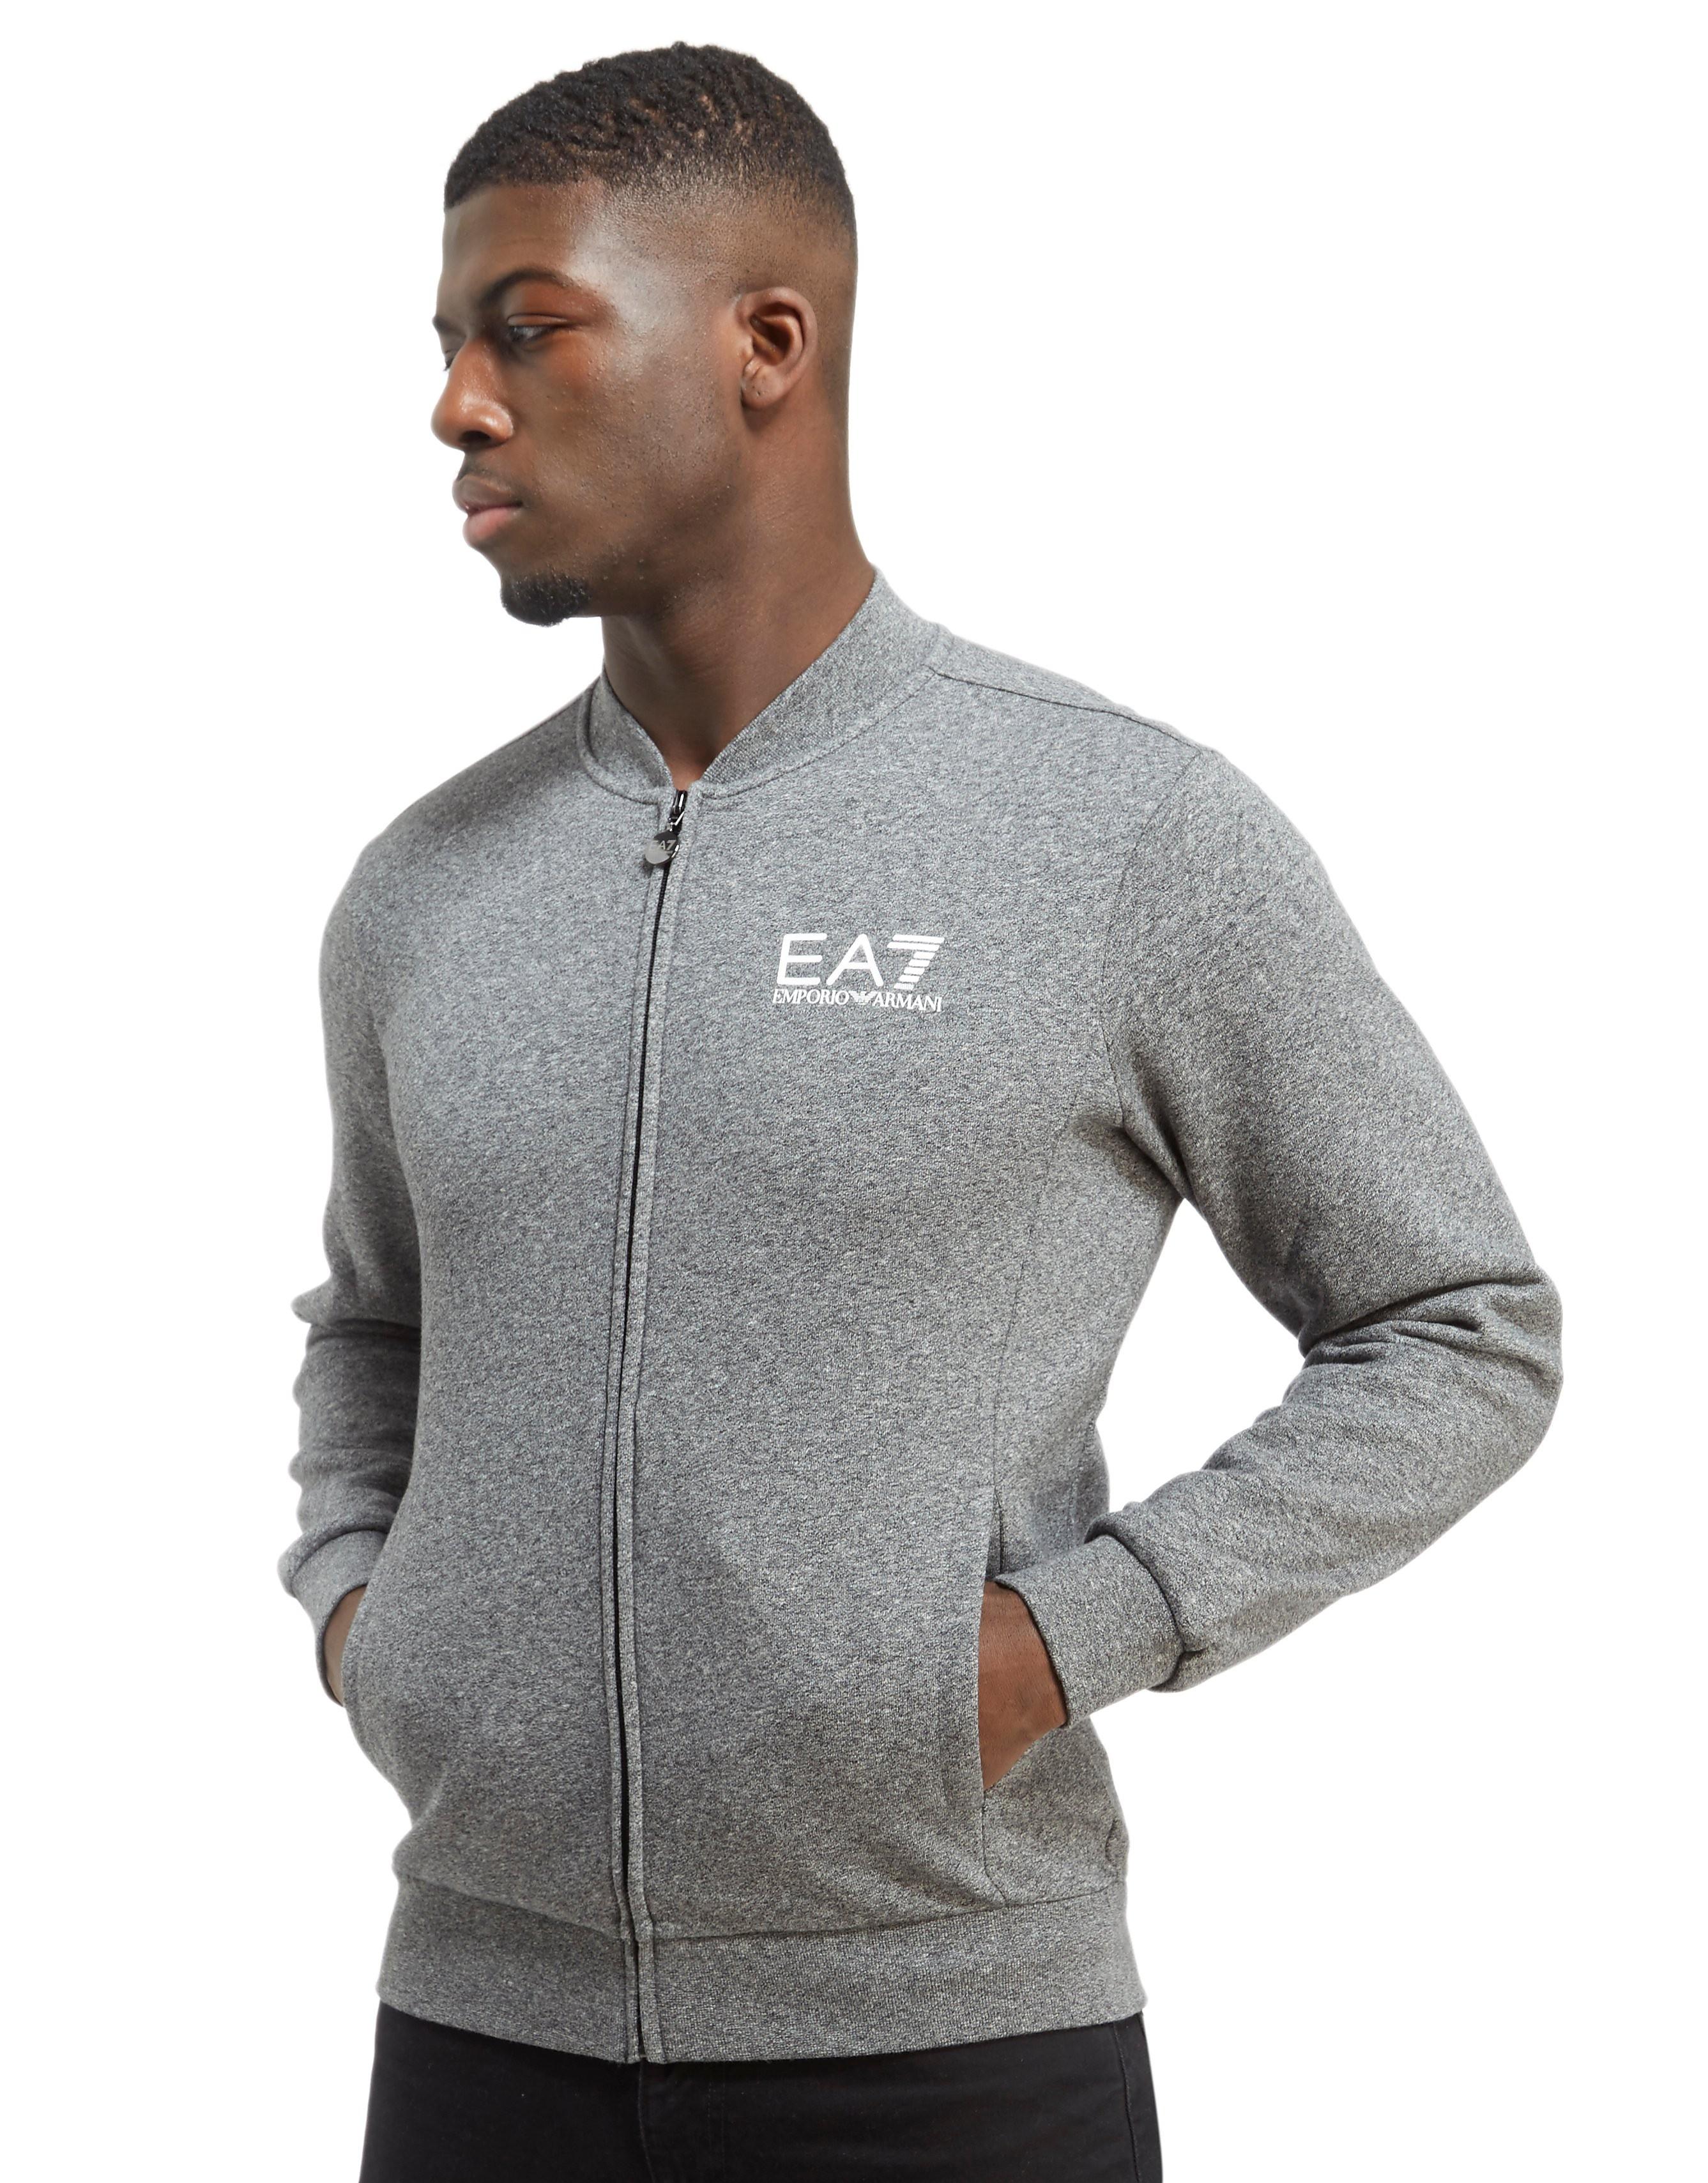 Emporio Armani EA7 Core Fleece Baseball Jacket